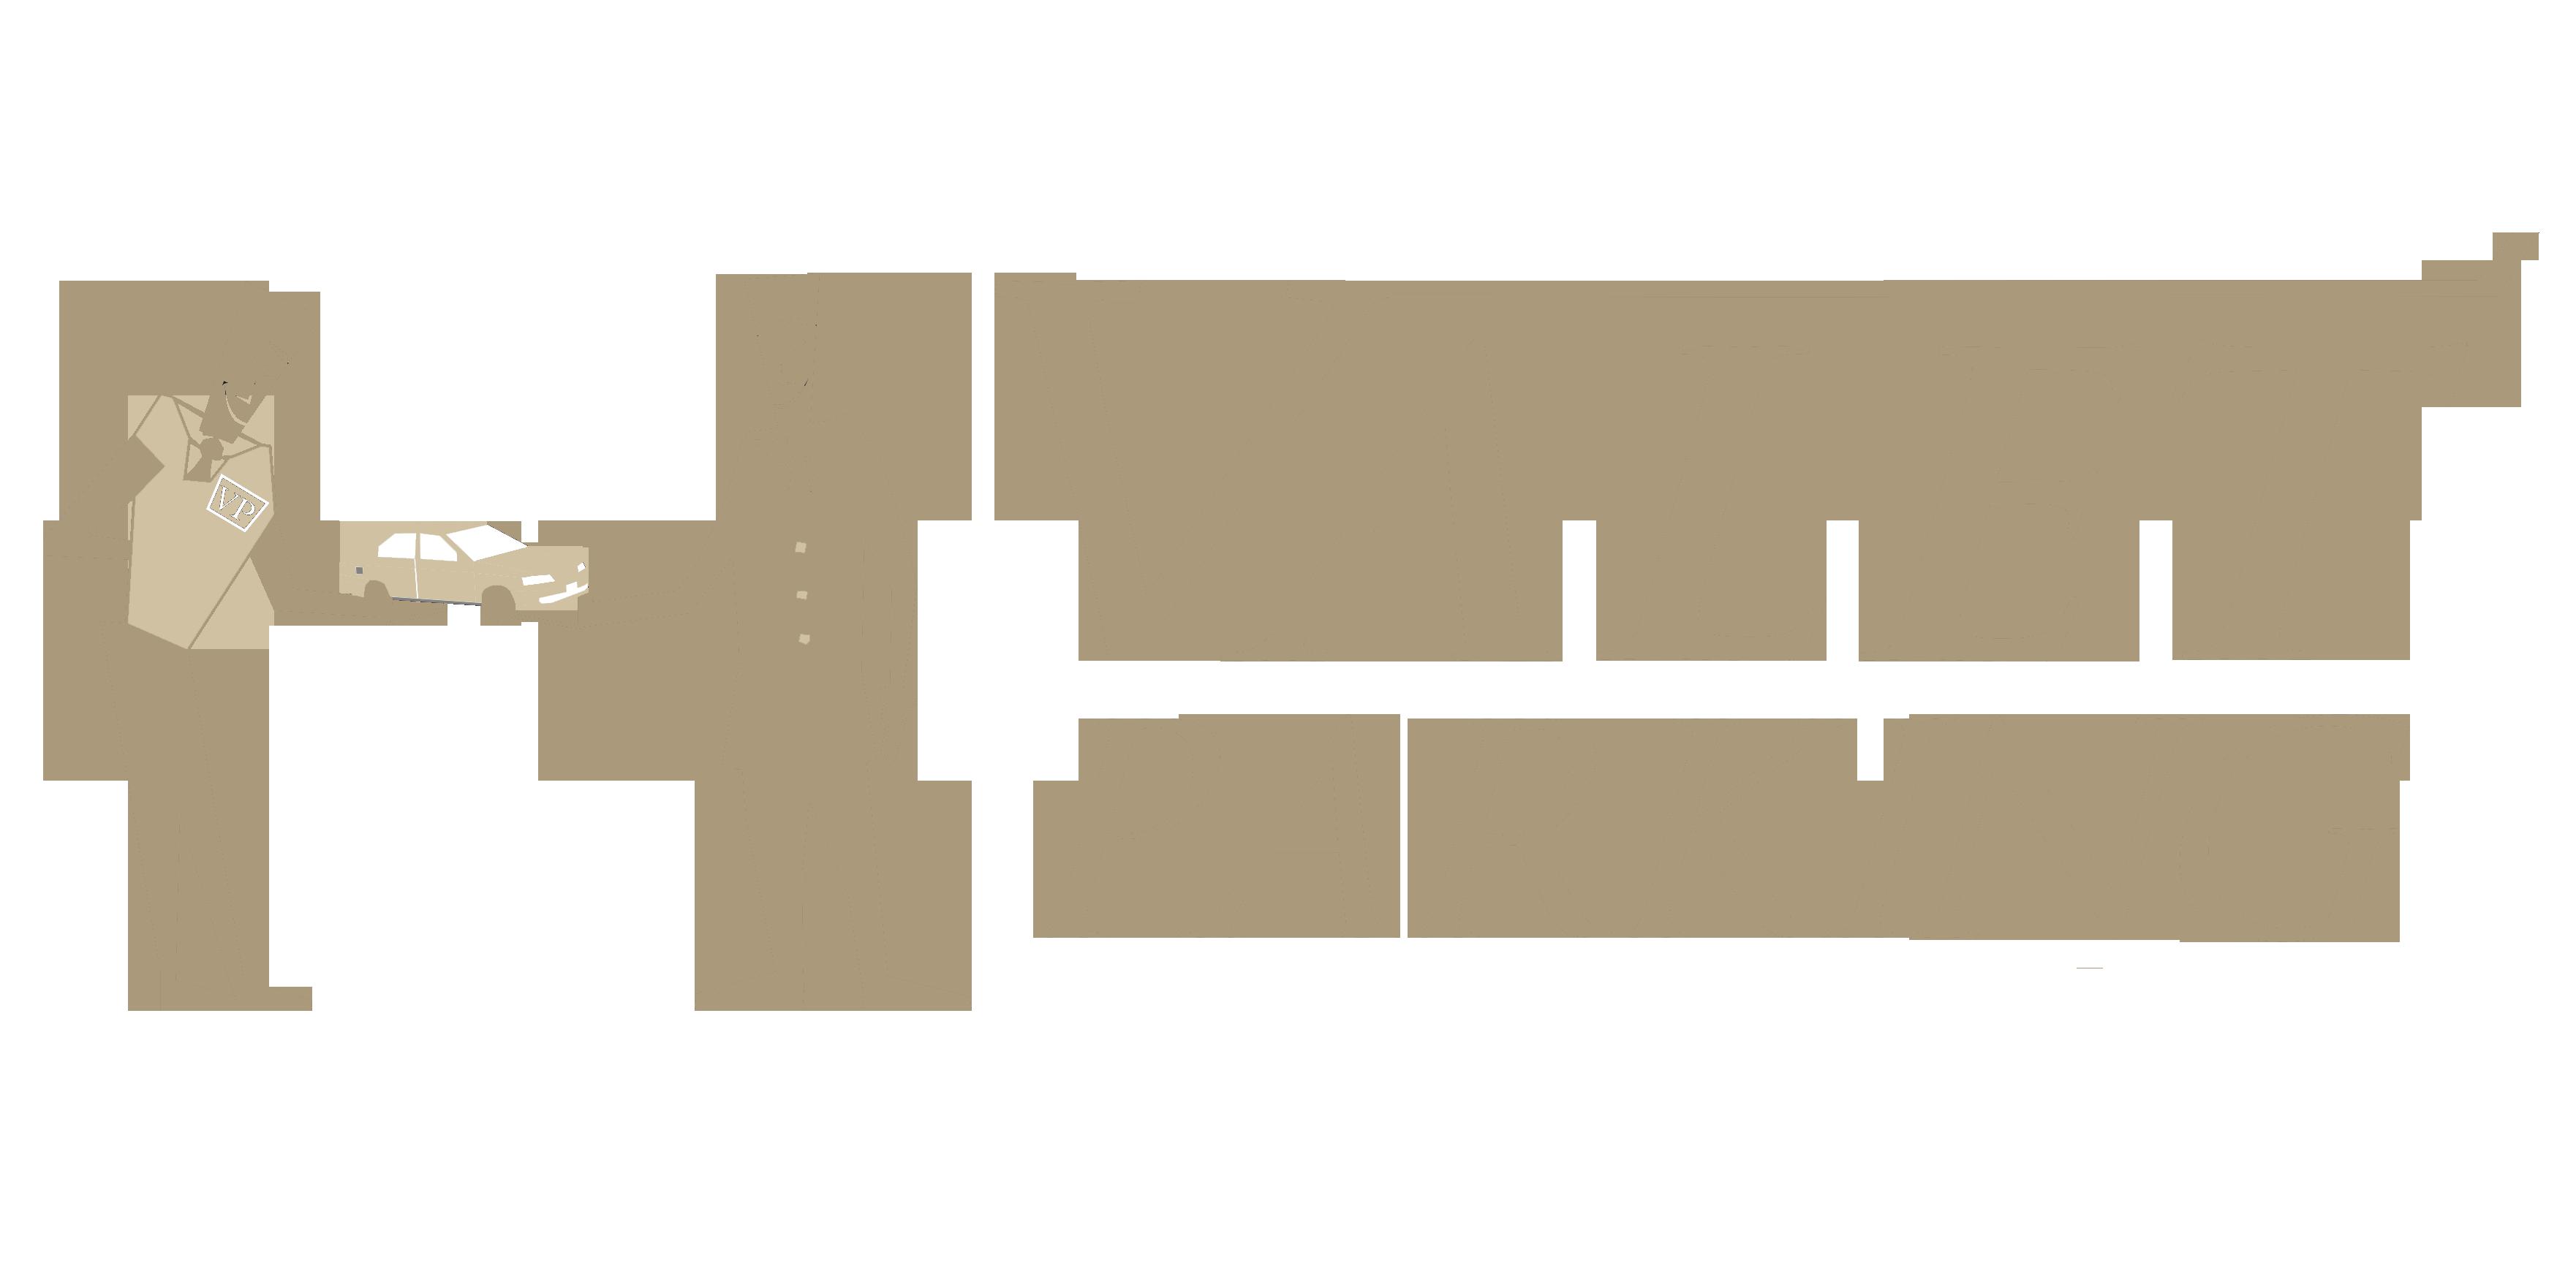 Ofrece servicios de operación de estacionamientos, valet parking y logística para eventos. Se recomienda Internet Explorer para visitar este sitio.